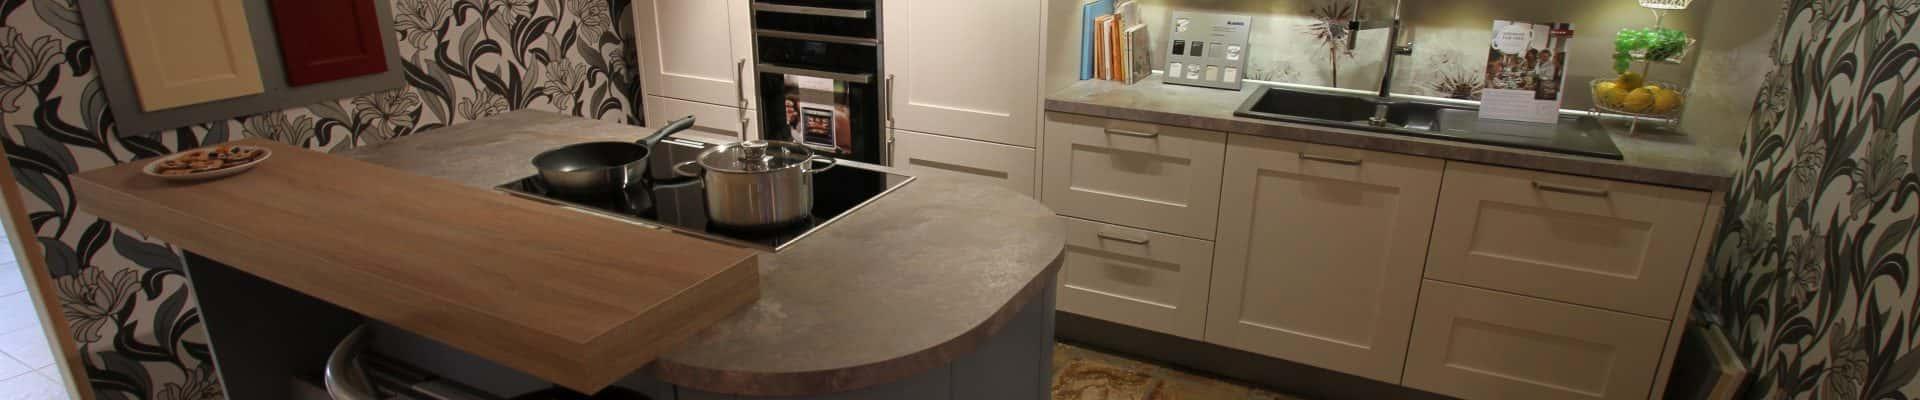 New Kitchens Showroom